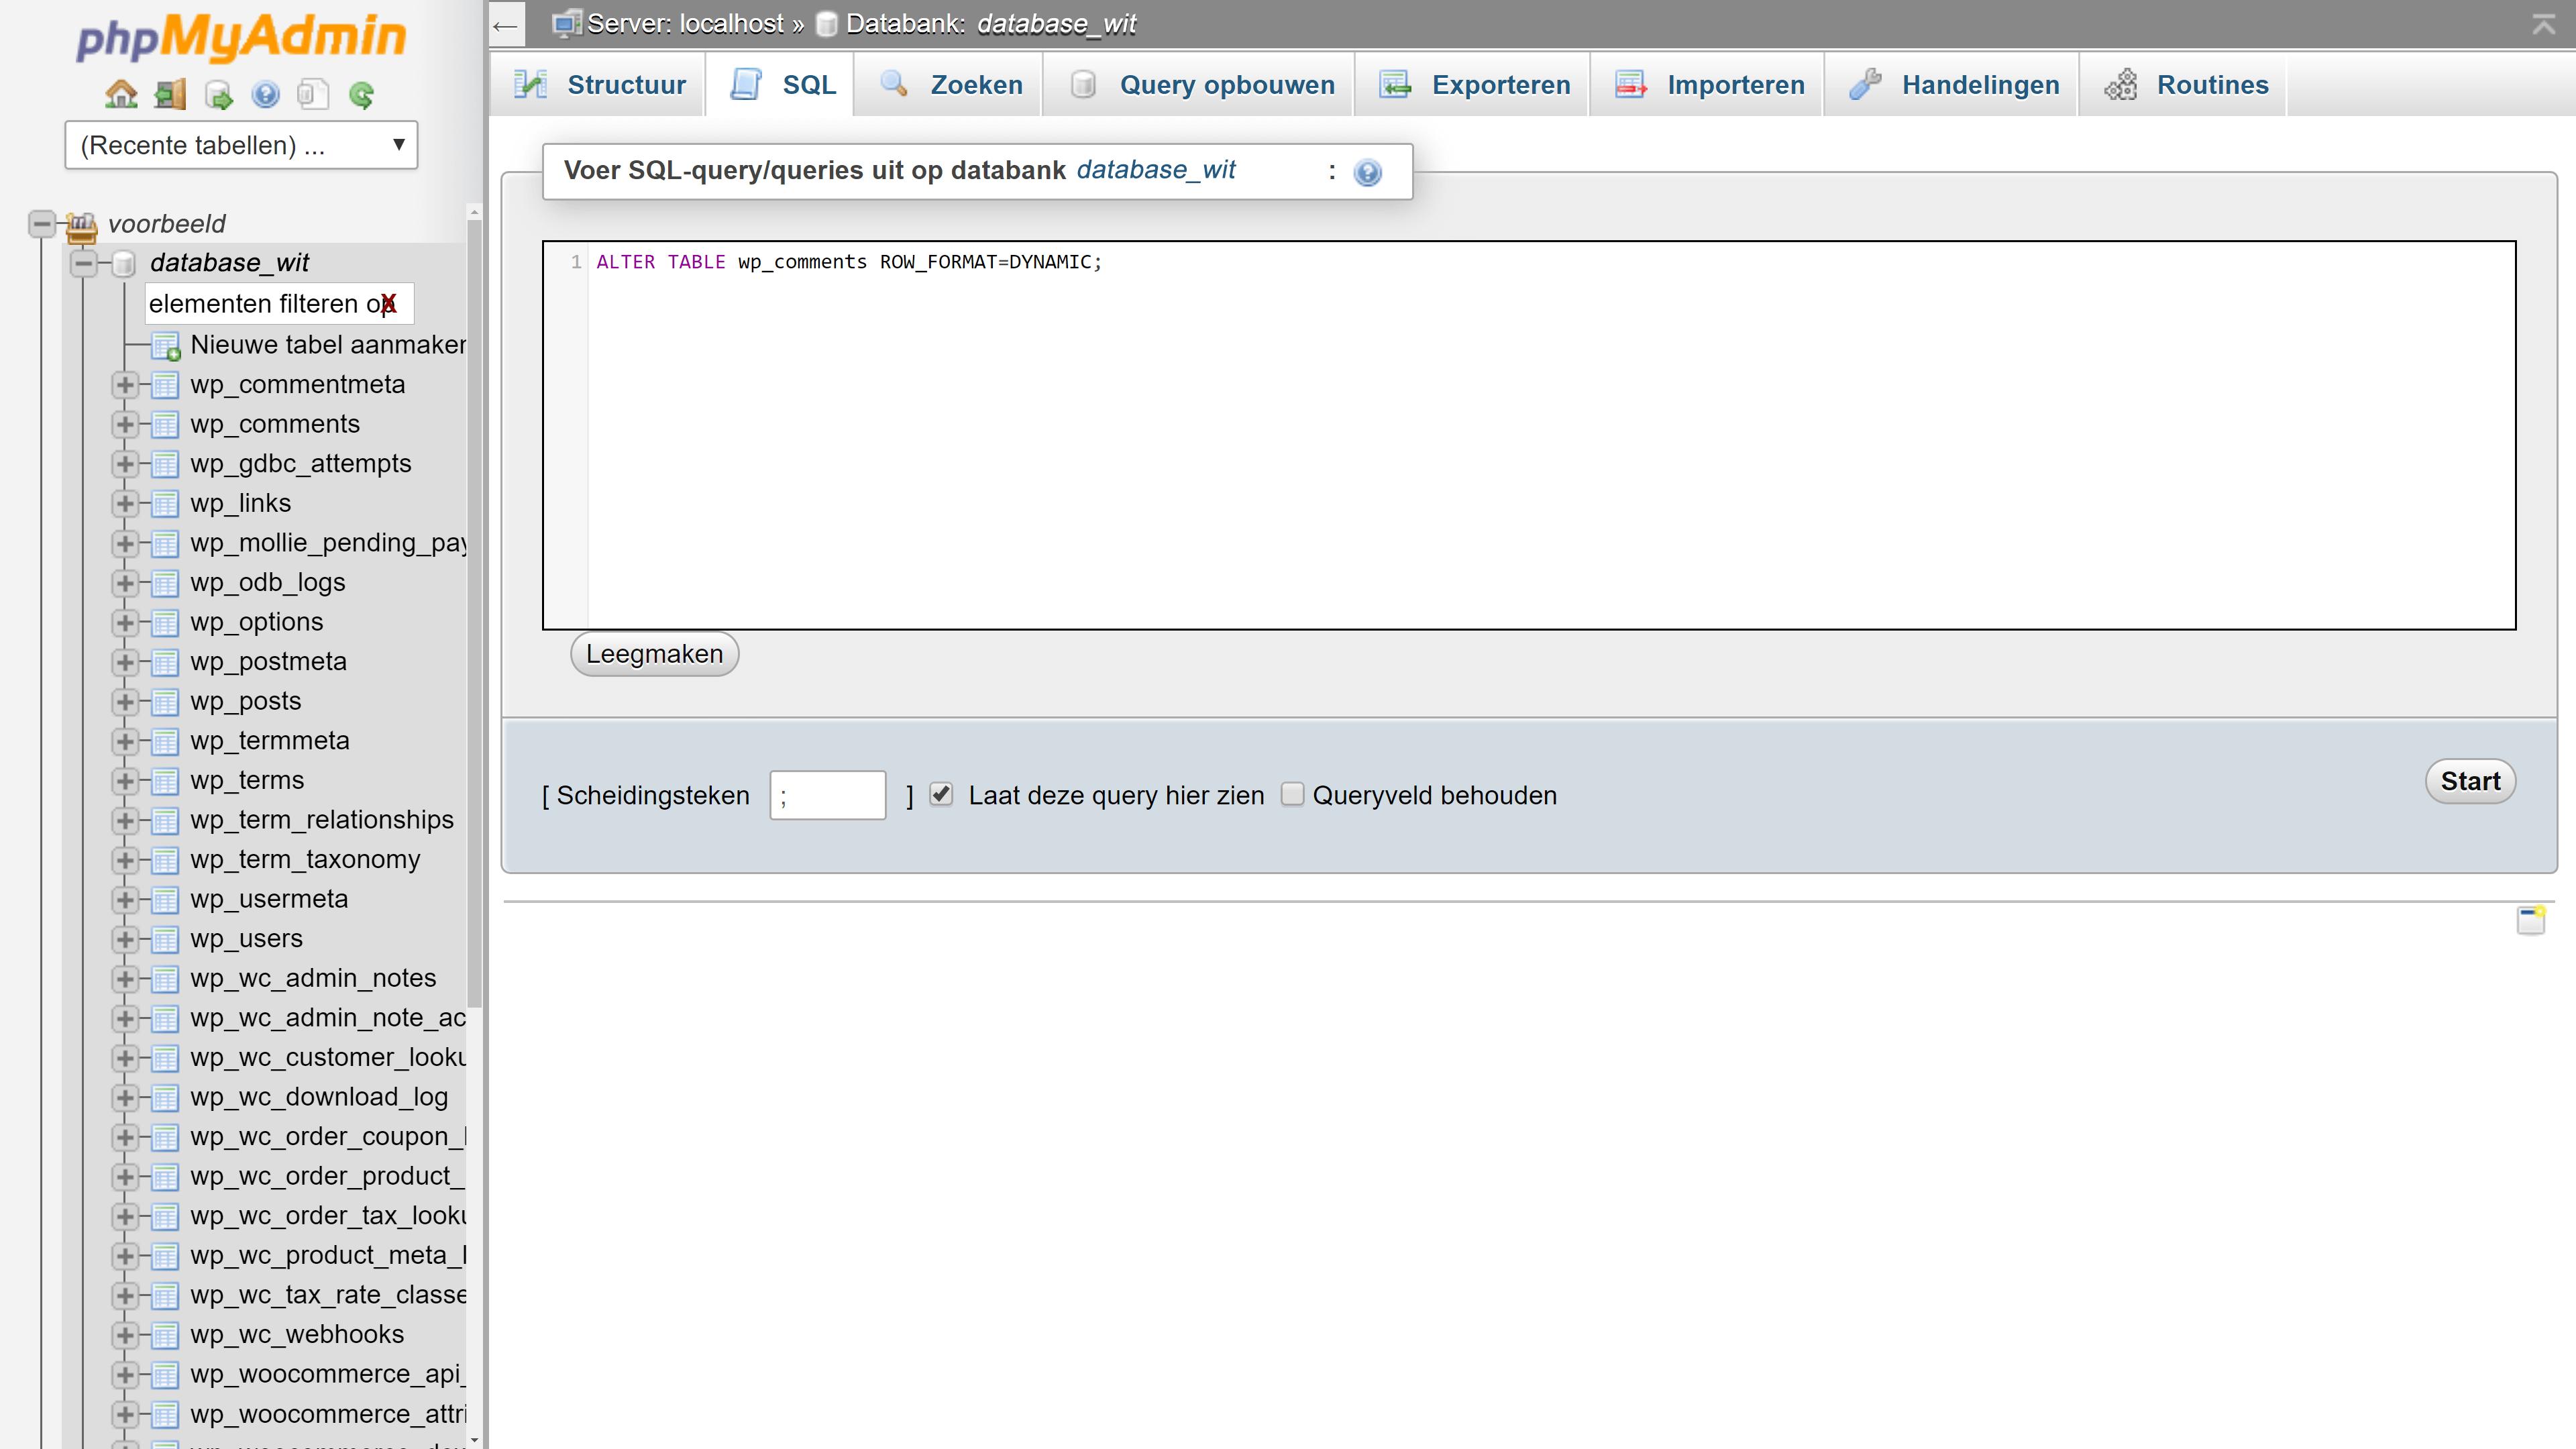 Screendump met ALTER TABLE wp_comments ROW_FORMAT=DYNAMIC tekst om in te vullen. De tekst en de afbeelding horen bij de handleiding omzetten tabellen voor InnoDB.